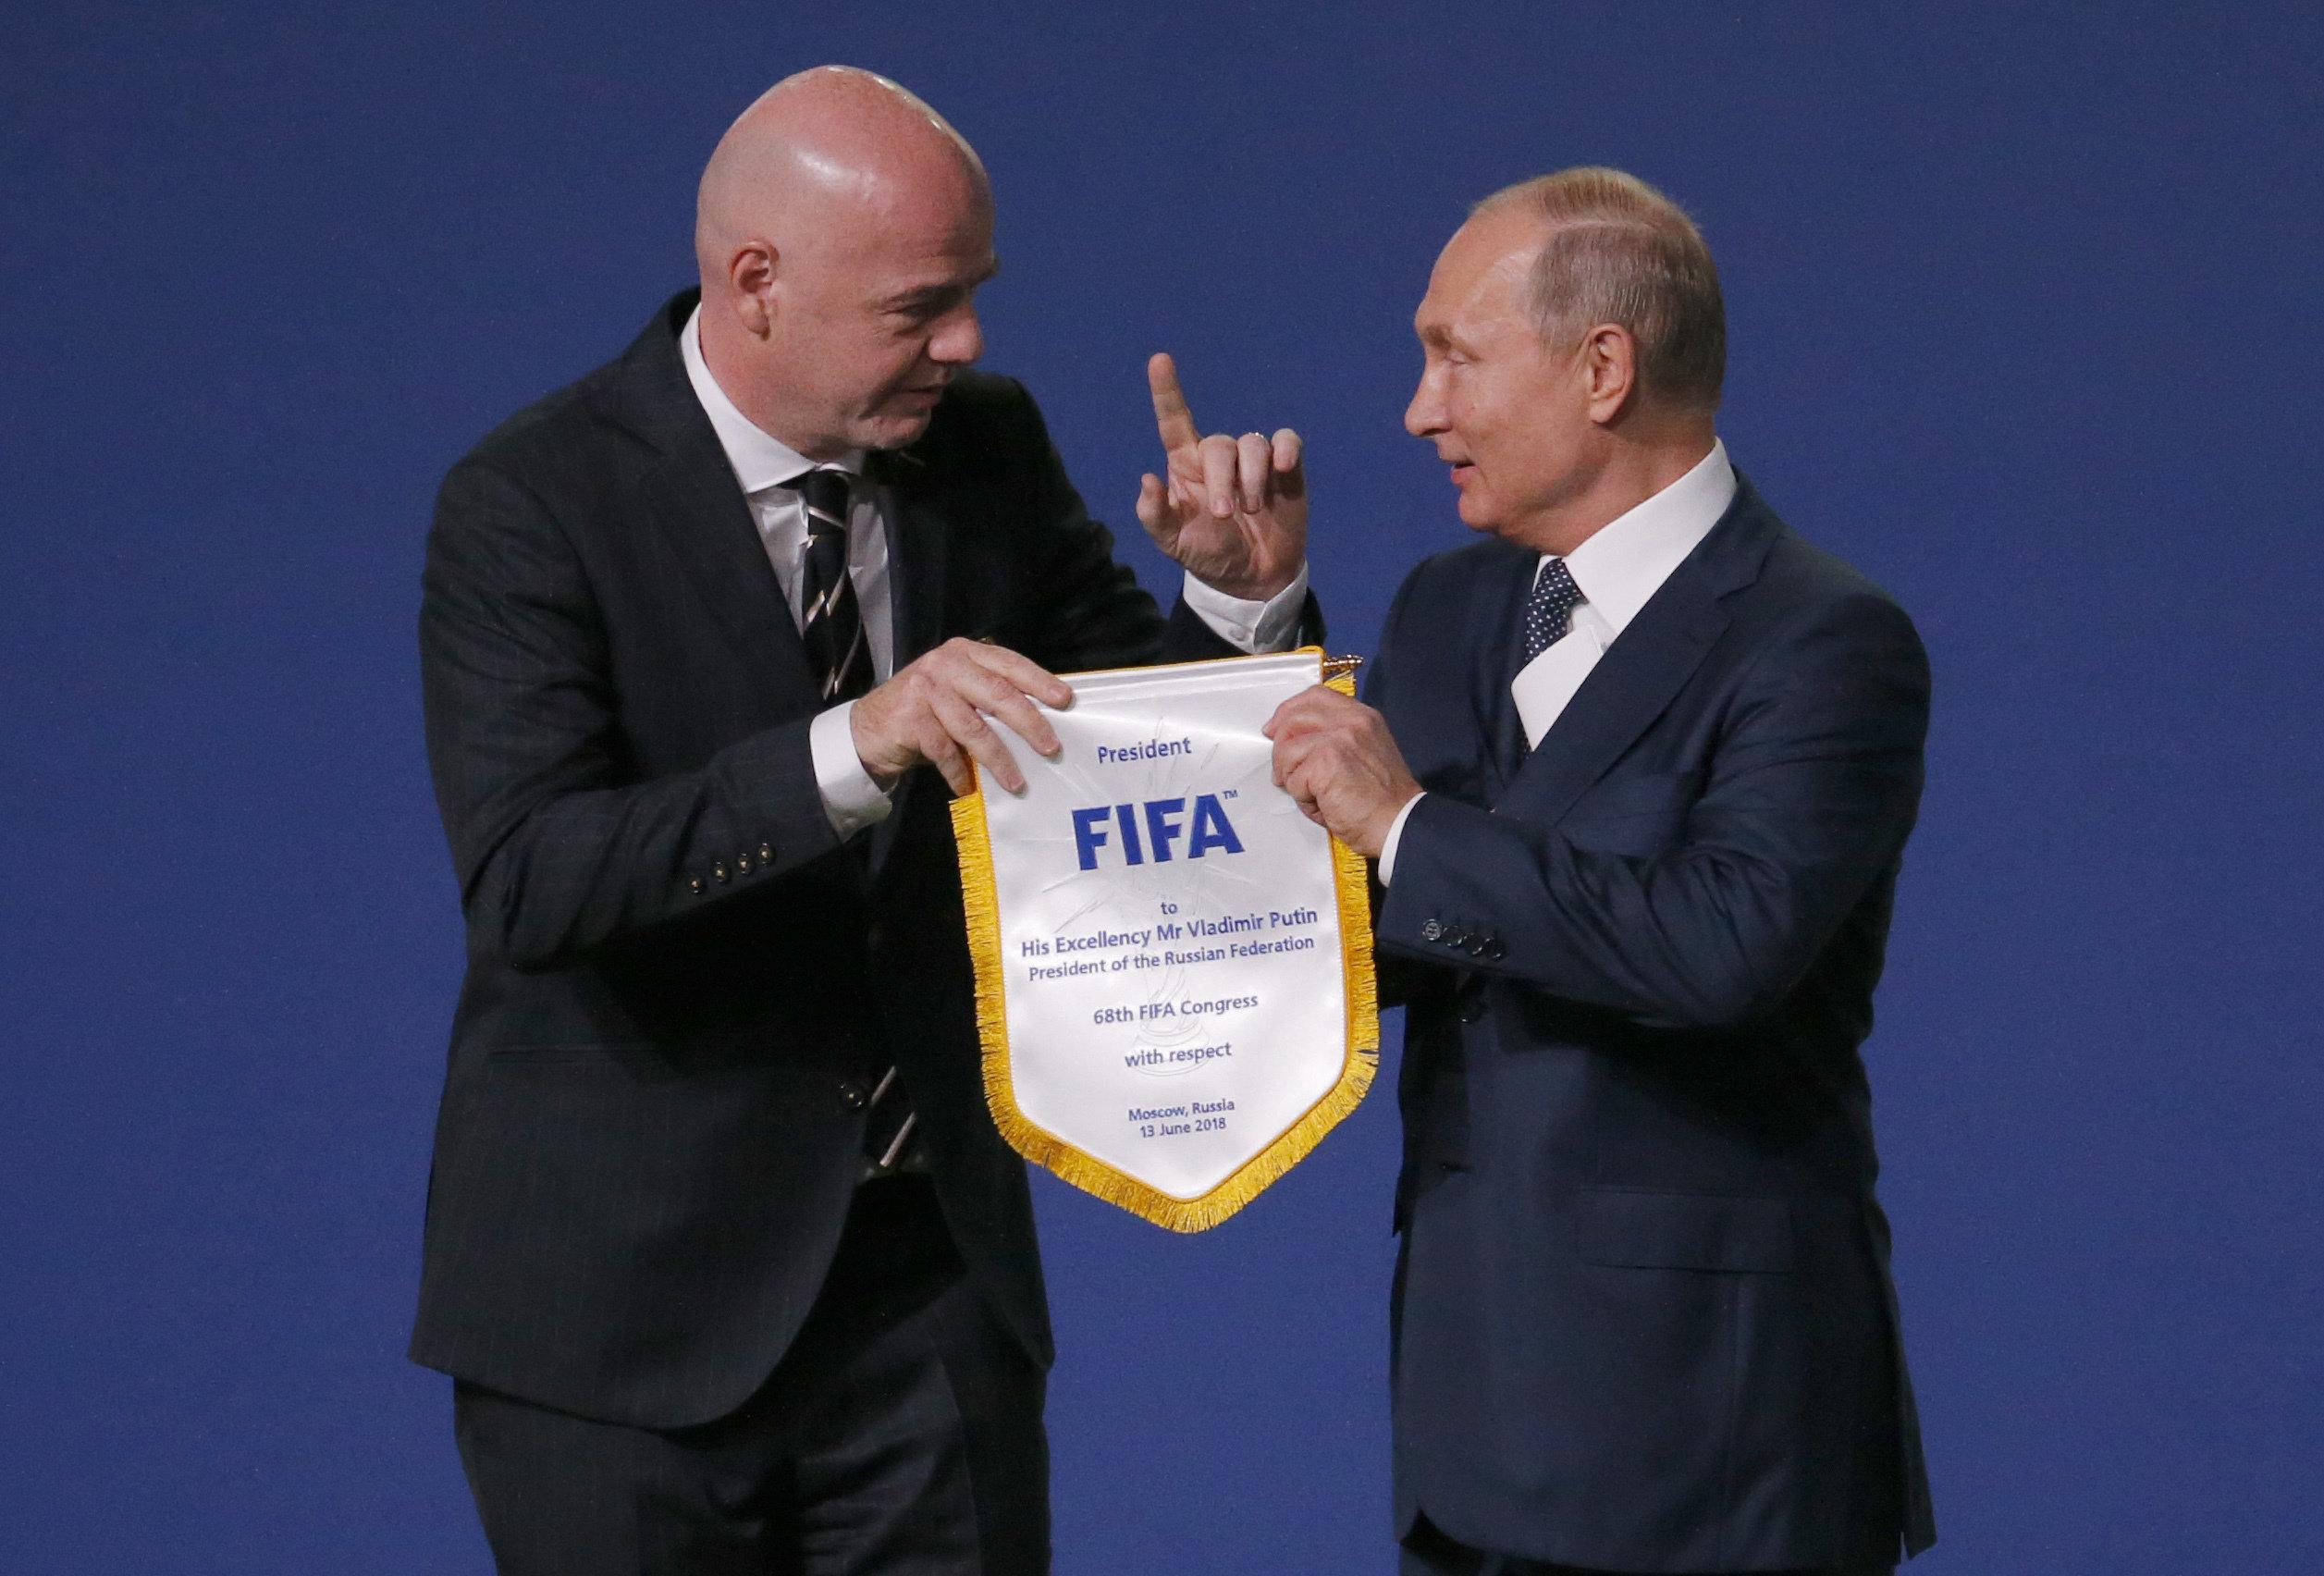 Fußball-WM 2018 in Russland im Live-Stream: Eröffnung online